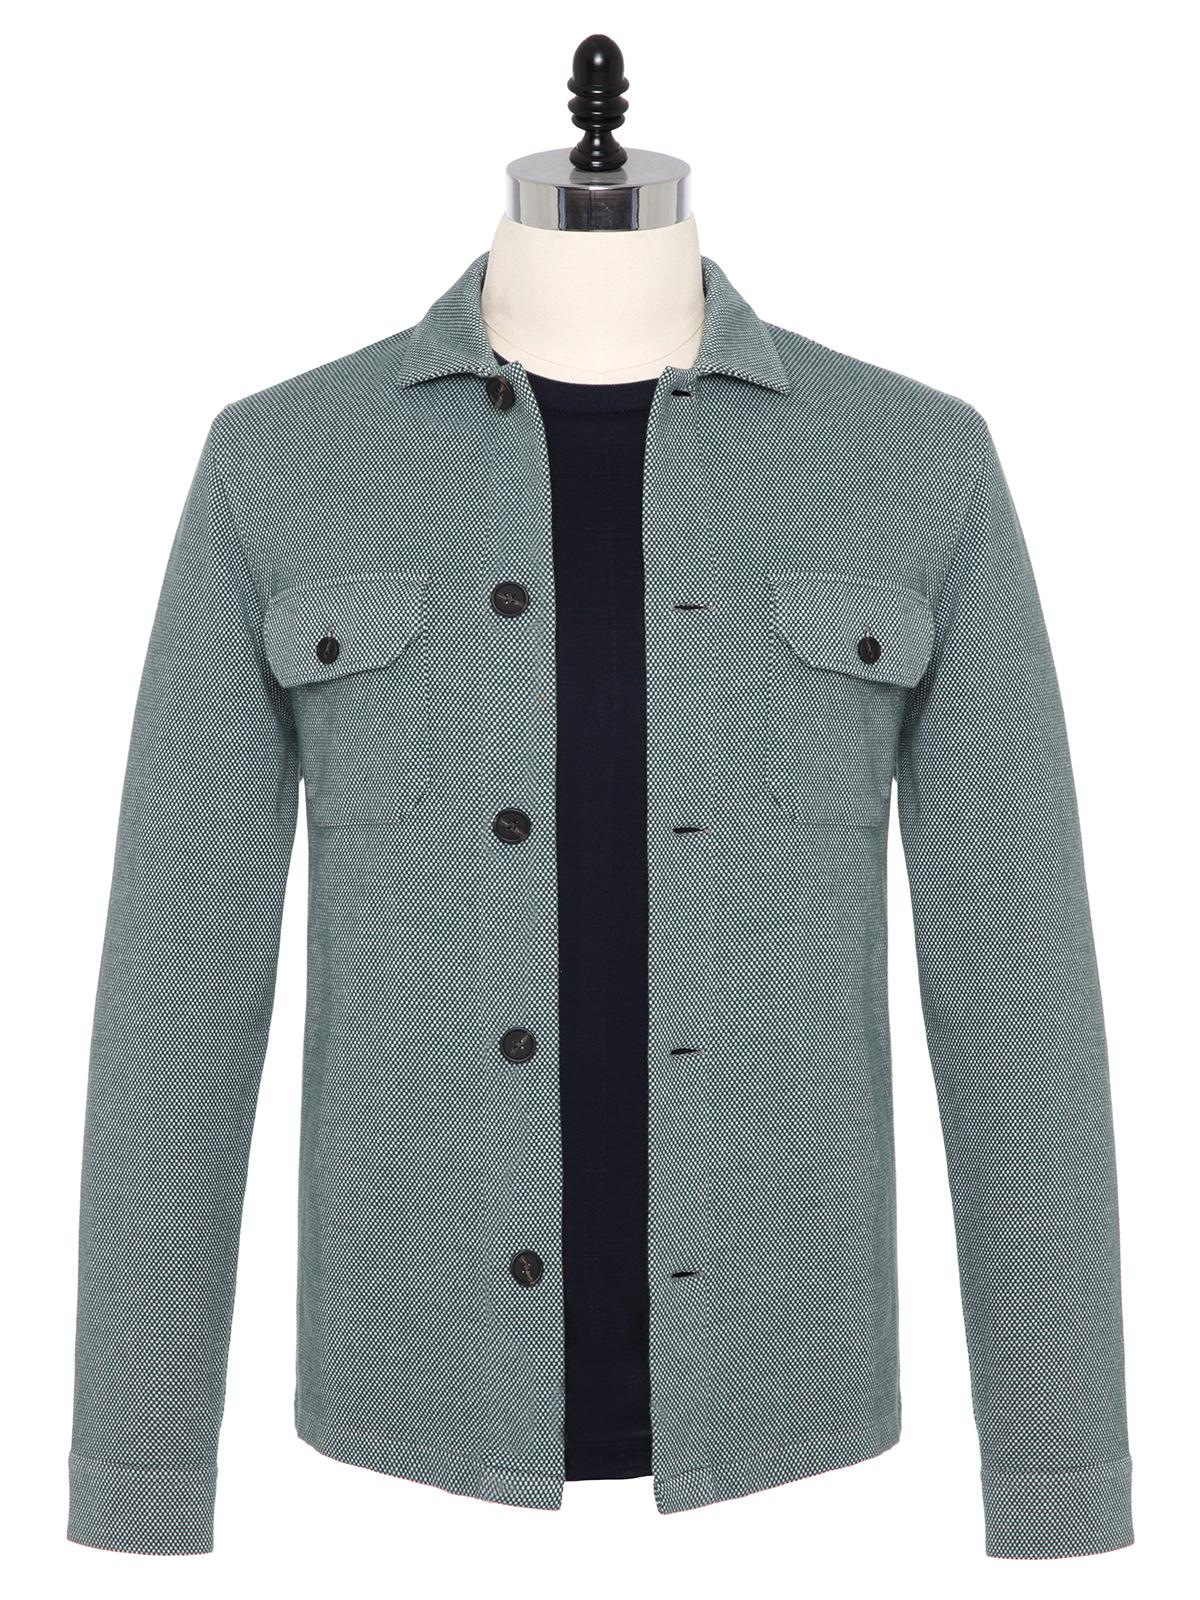 Germirli - Germirli Yeşil Beyaz Dokulu Örme Tailor Fit Ceket Gömlek